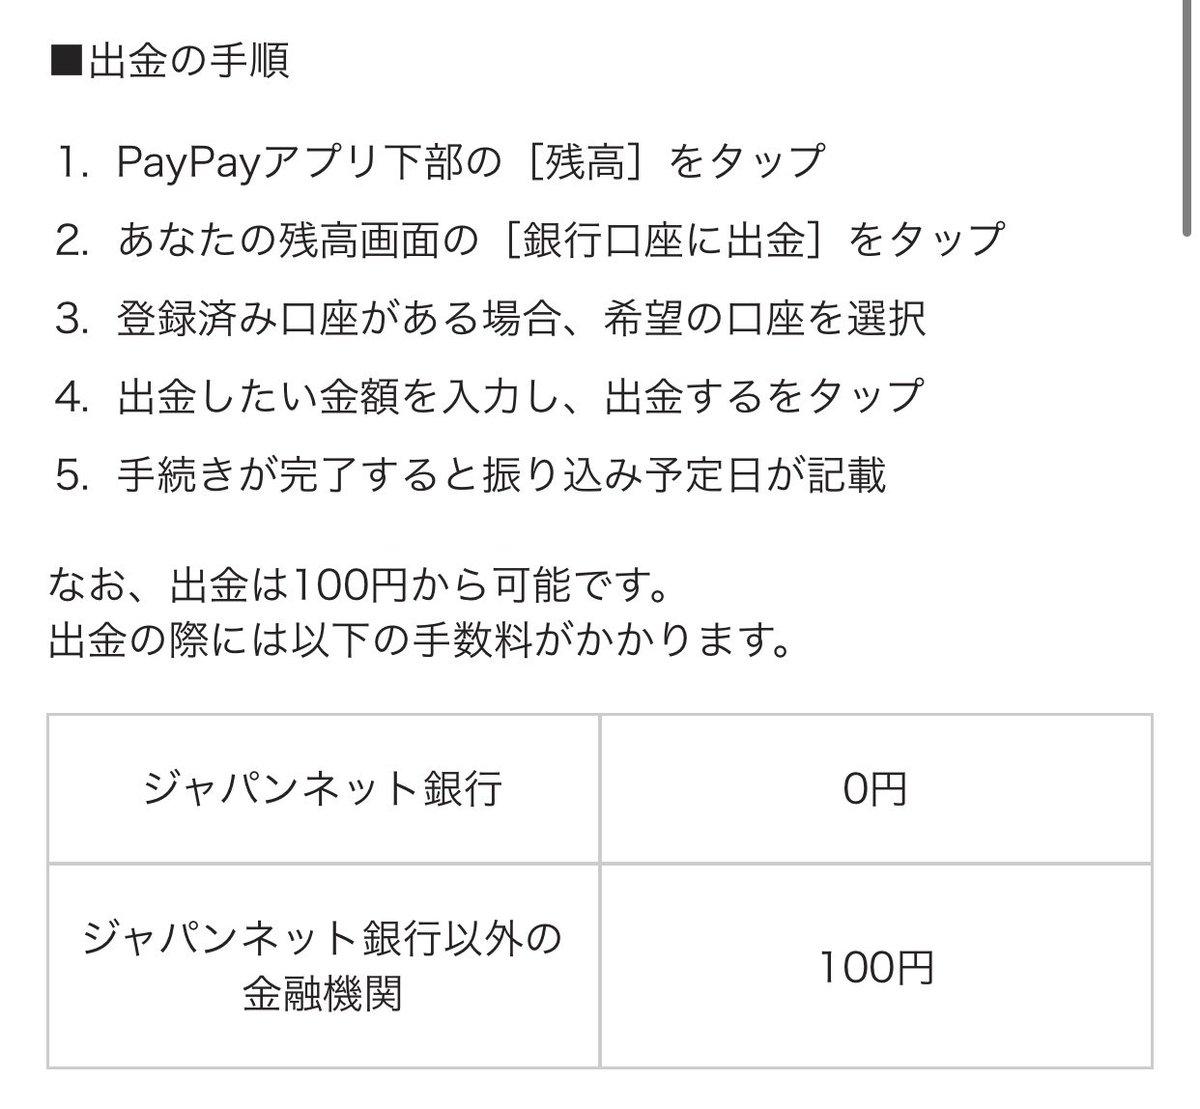 振込 手数料 ジャパン ゆうちょ 銀行 ネット 銀行 から